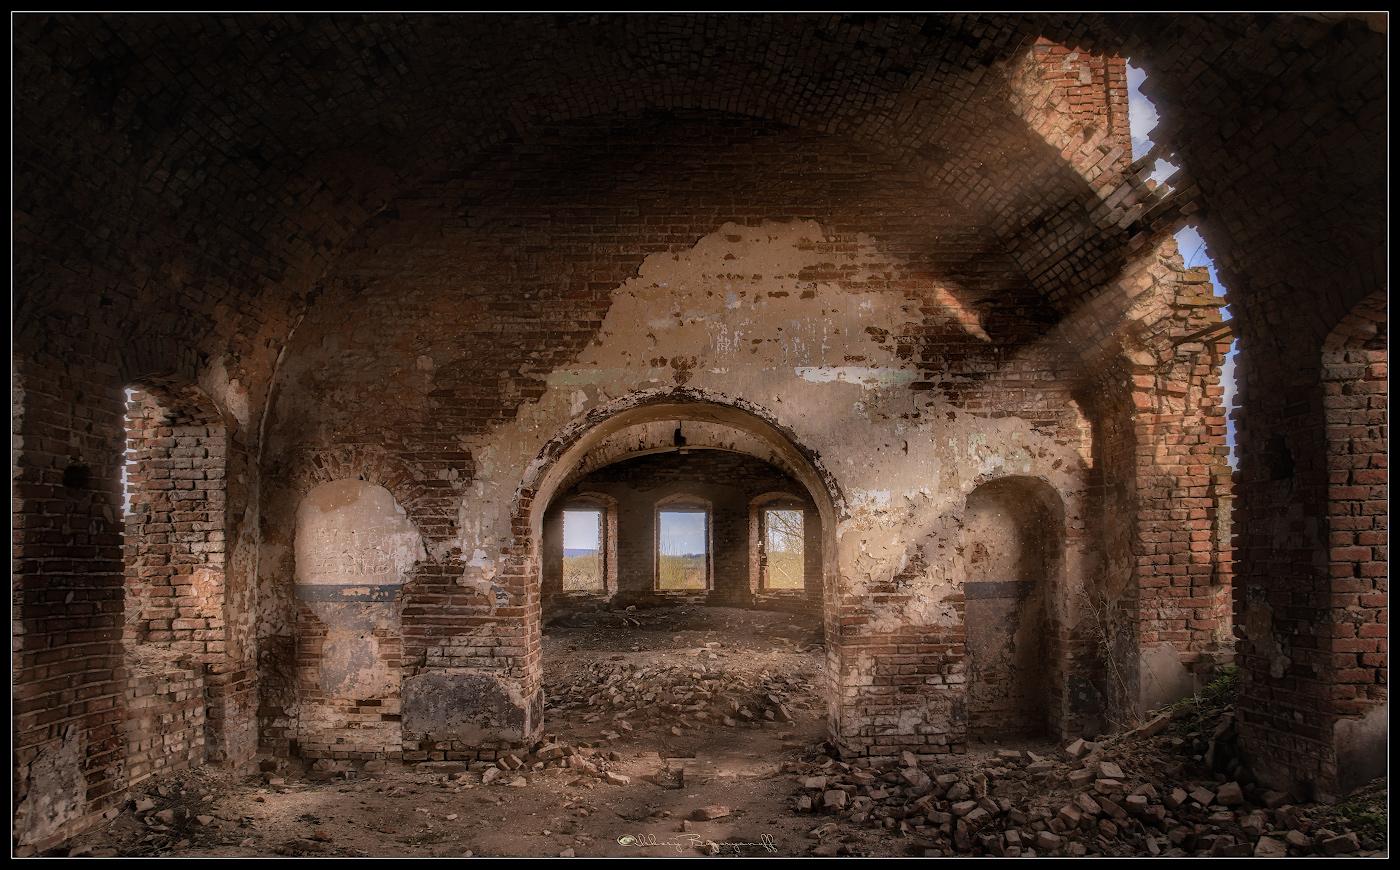 Маленькие радости старого храма. Ведь даже в разрушенную стену, может литься свет...